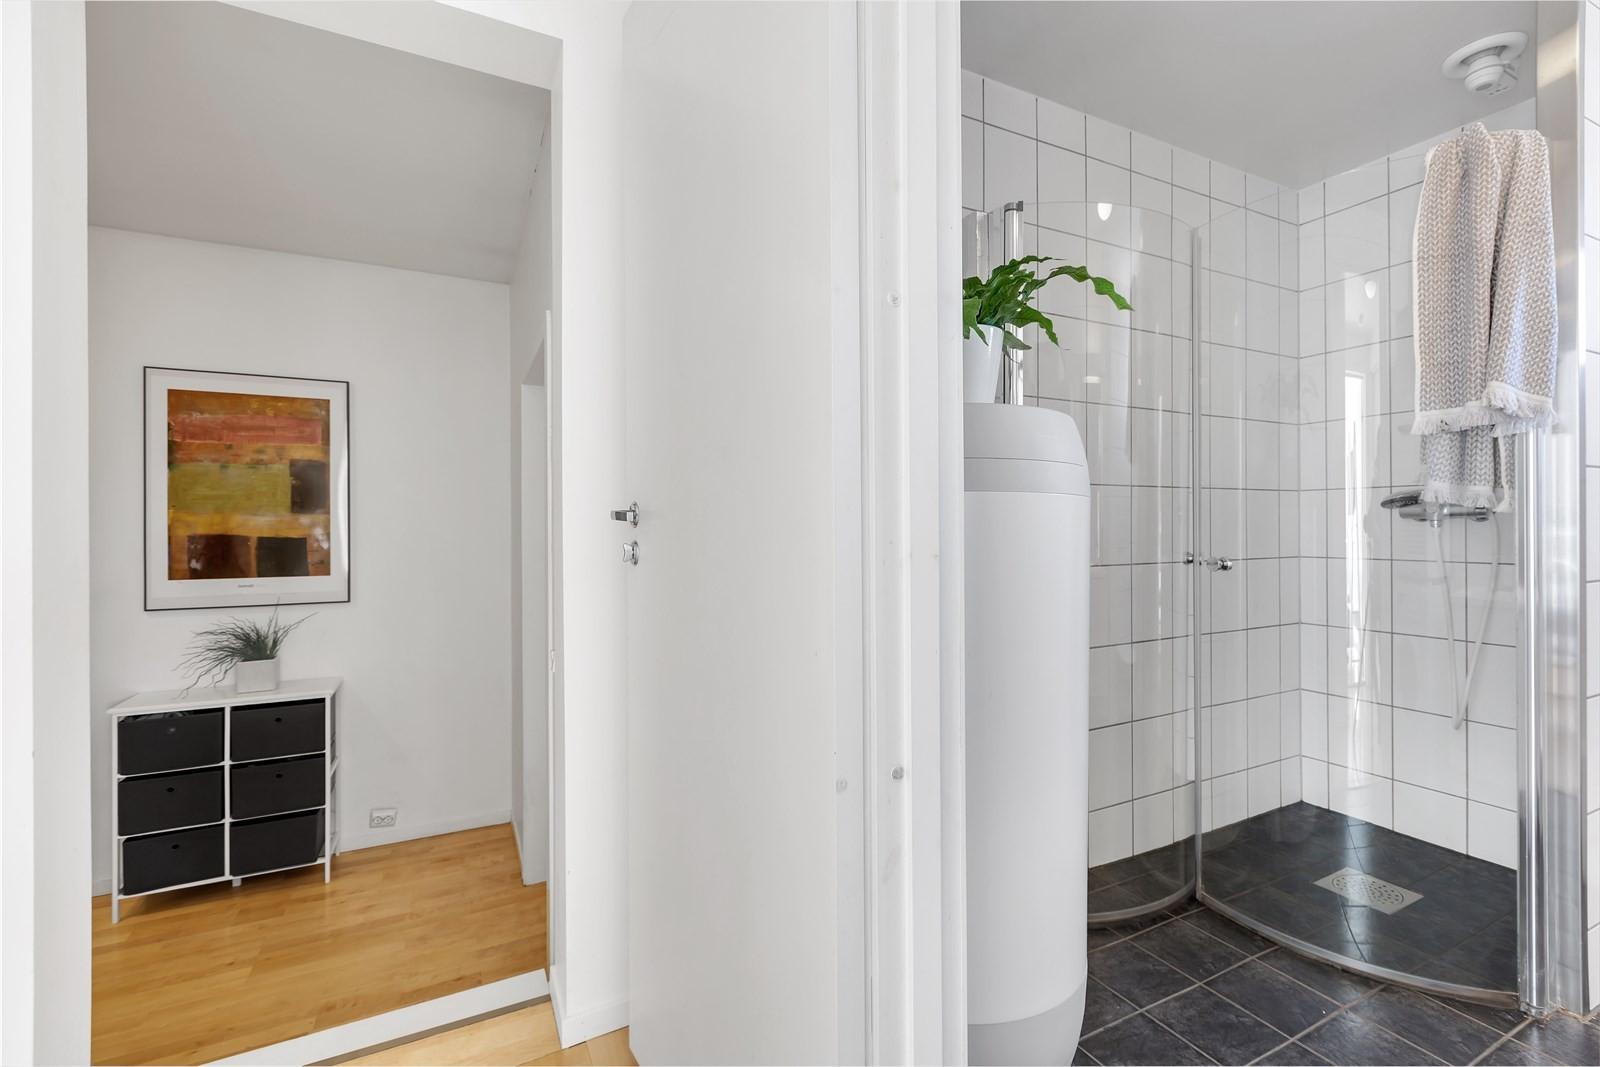 Badrom med flislagte gulv- og veggflater.